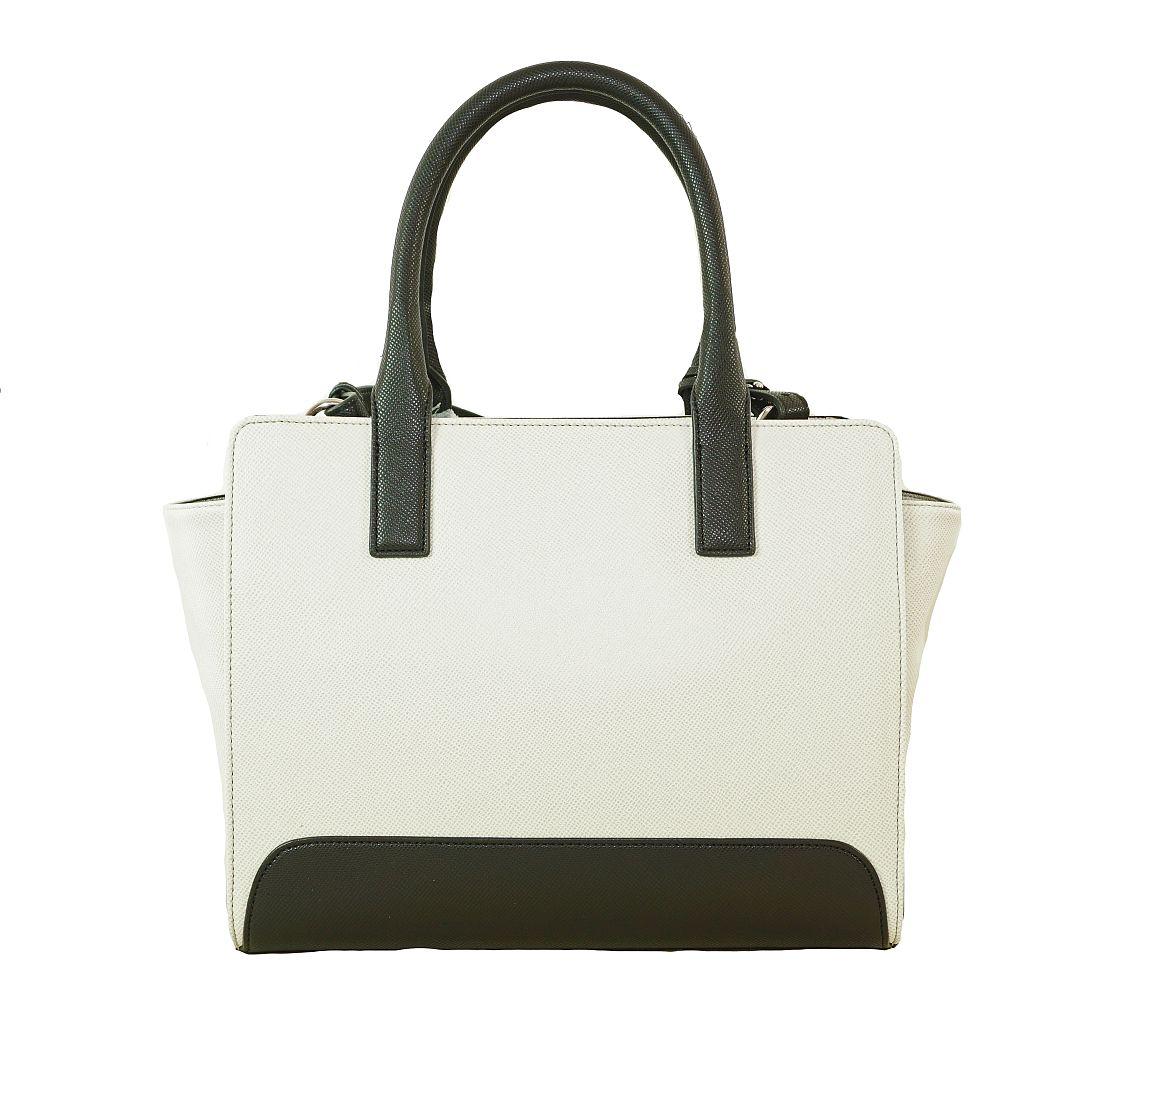 Armani Jeans Tasche Handtasche f. Damen C5250 R4 10 Bianco HW16